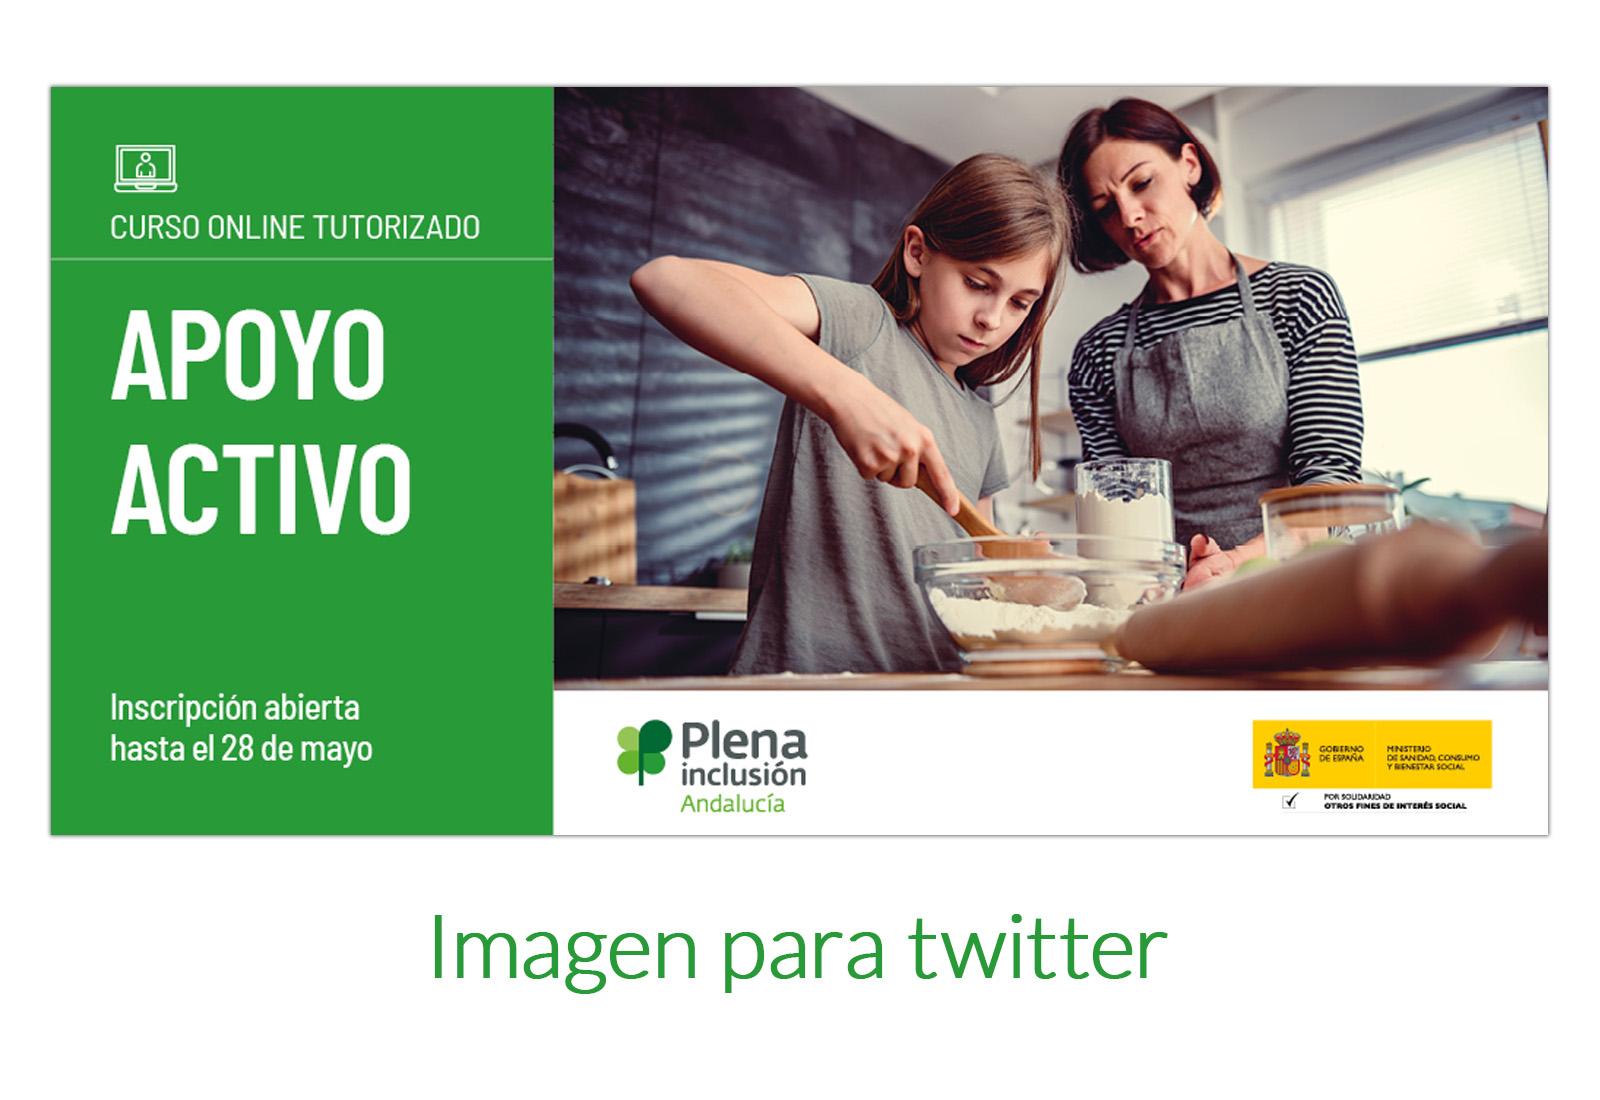 Diseño de imagen para twitter de oferta de formación